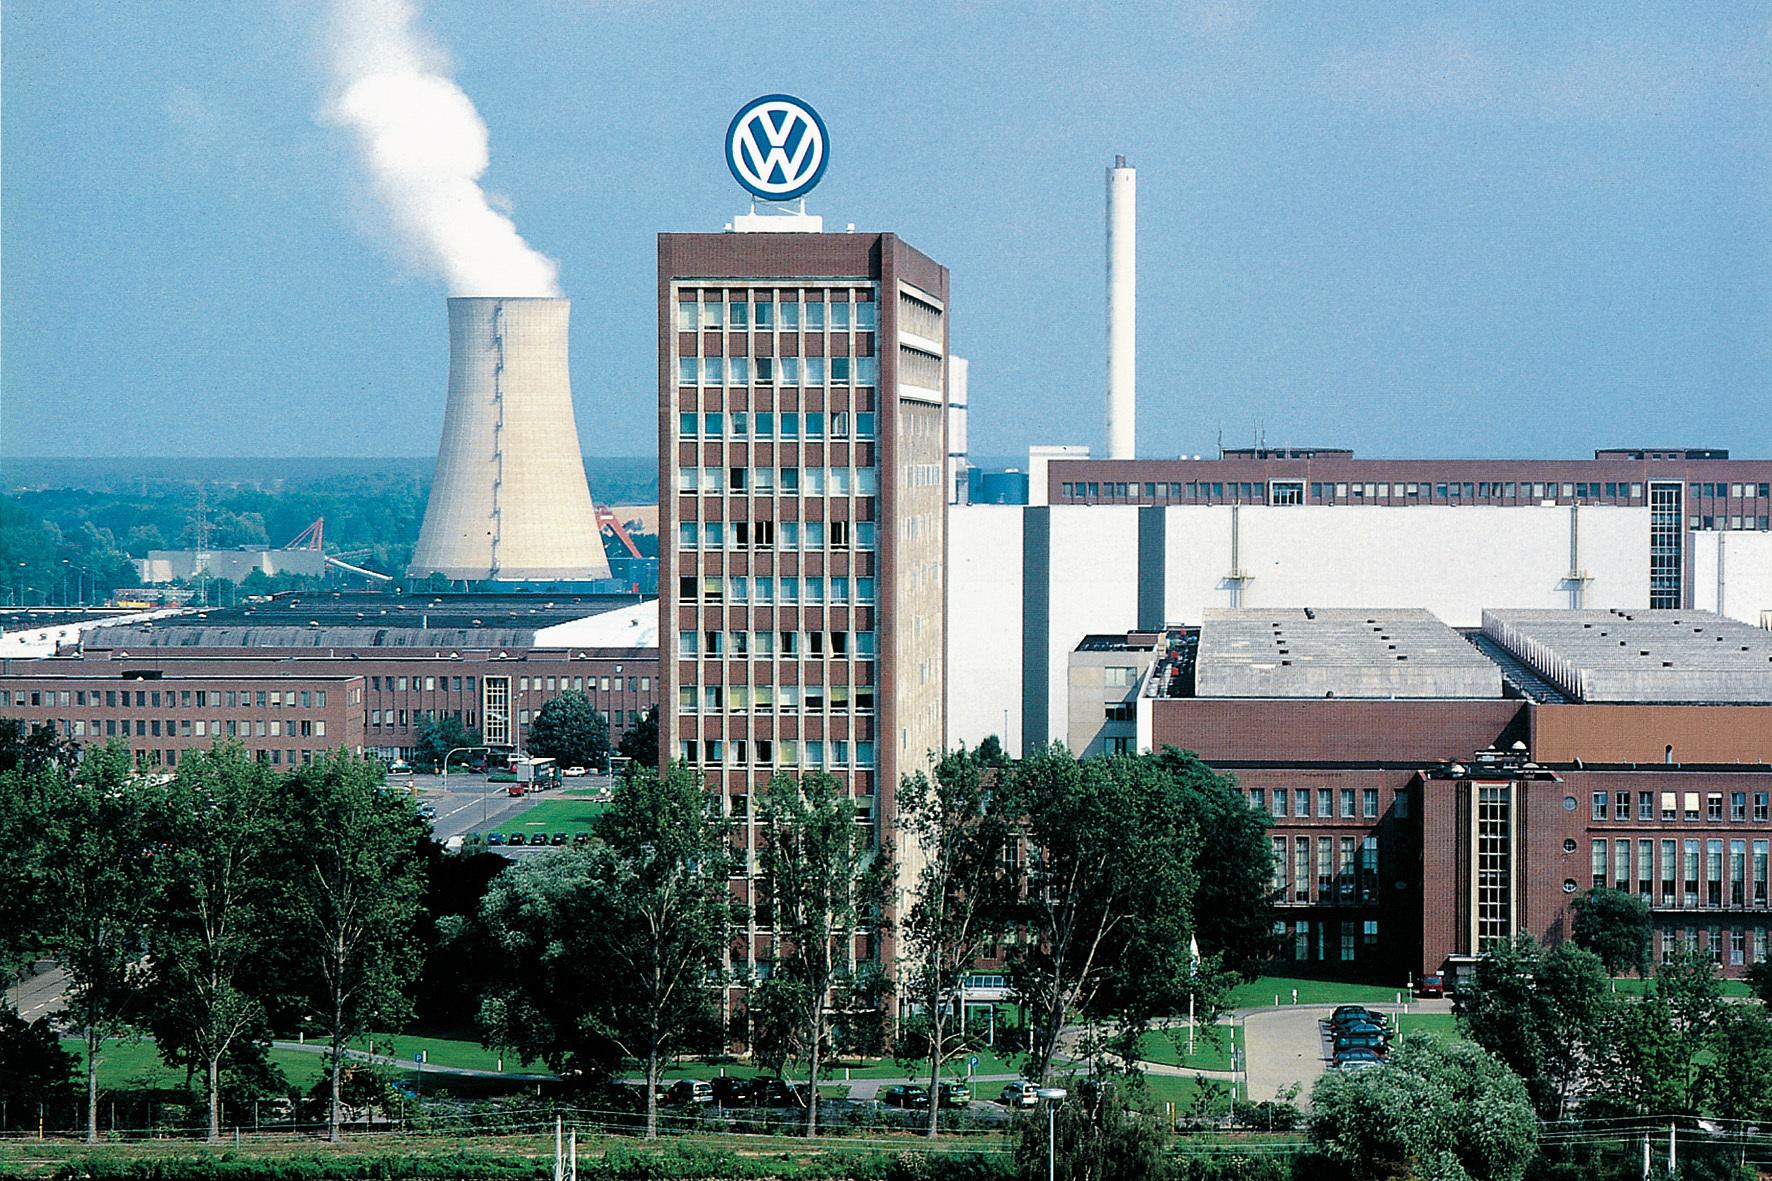 mid Düsseldorf - Aufgrund des Abgas-Skandals könnten VW-Aktionäre laut der Stiftung Warentest Schadensersatz vom VW-Konzern verlangen.